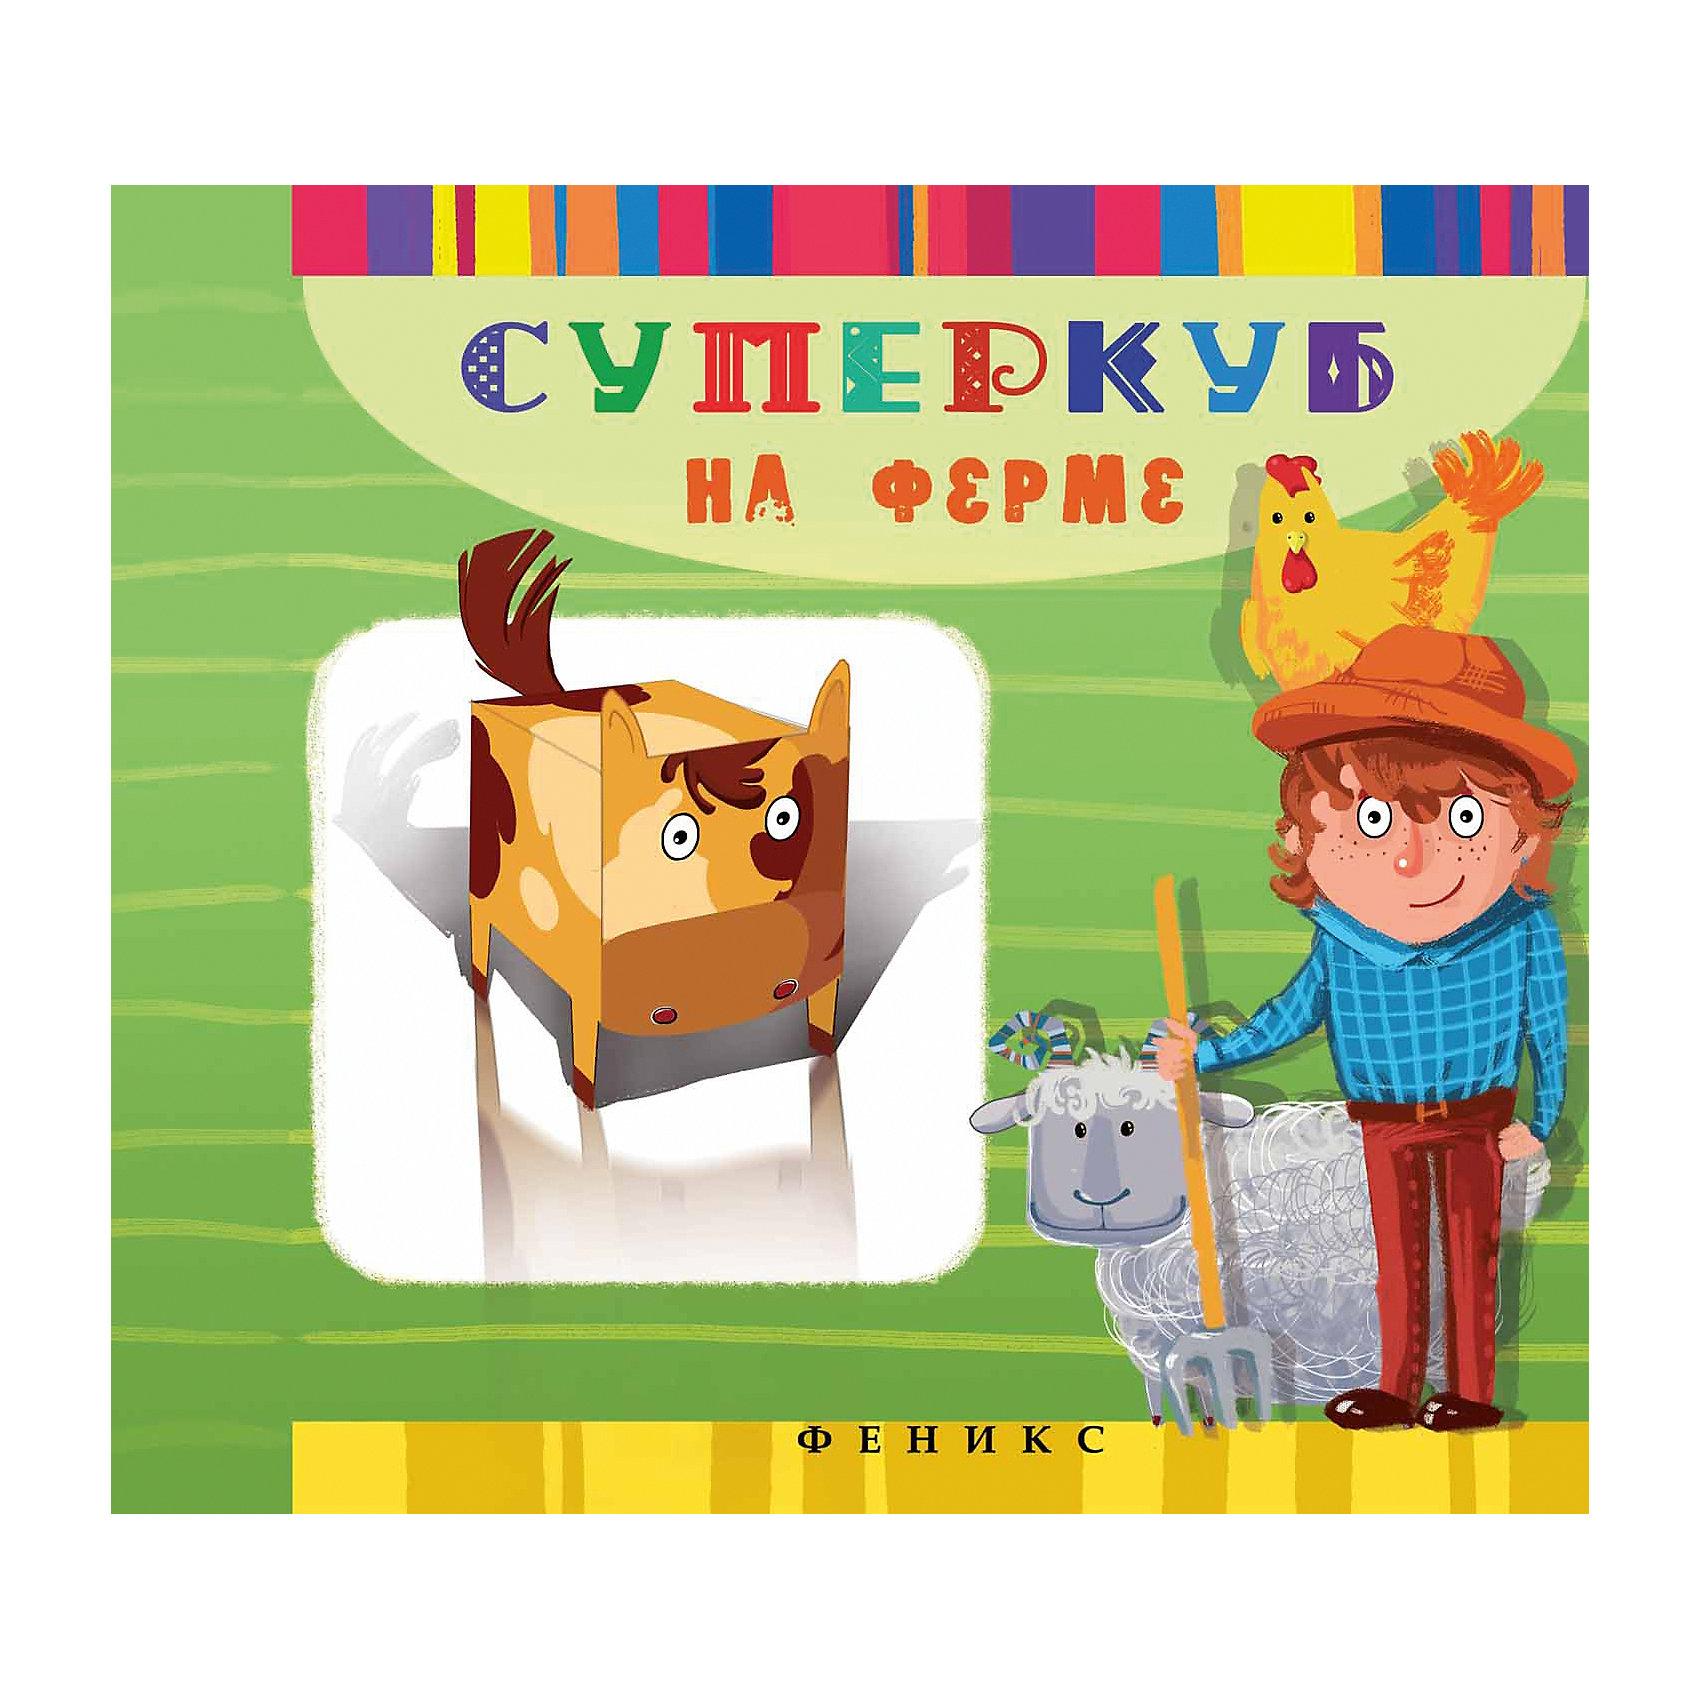 Суперкуб на фермеРукоделие<br>Книжка с наклейками Суперкуб на ферме<br><br>Характеристики: <br><br>• Кол-во страниц: 11<br>• ISBN: 9785222248676<br>• Возраст: 6+<br>• Обложка: мягкая<br>• Формат: а4<br><br>Пользуясь этой книгой, ребенок сможет собрать несколько ярких игрушек из серии Суперкуб. Для склейки игрушек необходимы ножницы и клей, а все остальное содержится прямо на страницах этой книги. Работа с такой книгой поможет развить ребенку мелкую моторику, внимательность, а родителям обеспечит несколько часов тишины и покоя.<br><br>Книжка с наклейками Суперкуб на ферме можно купить в нашем интернет-магазине.<br><br>Ширина мм: 215<br>Глубина мм: 215<br>Высота мм: 20<br>Вес г: 60<br>Возраст от месяцев: 72<br>Возраст до месяцев: 2147483647<br>Пол: Унисекс<br>Возраст: Детский<br>SKU: 5464576